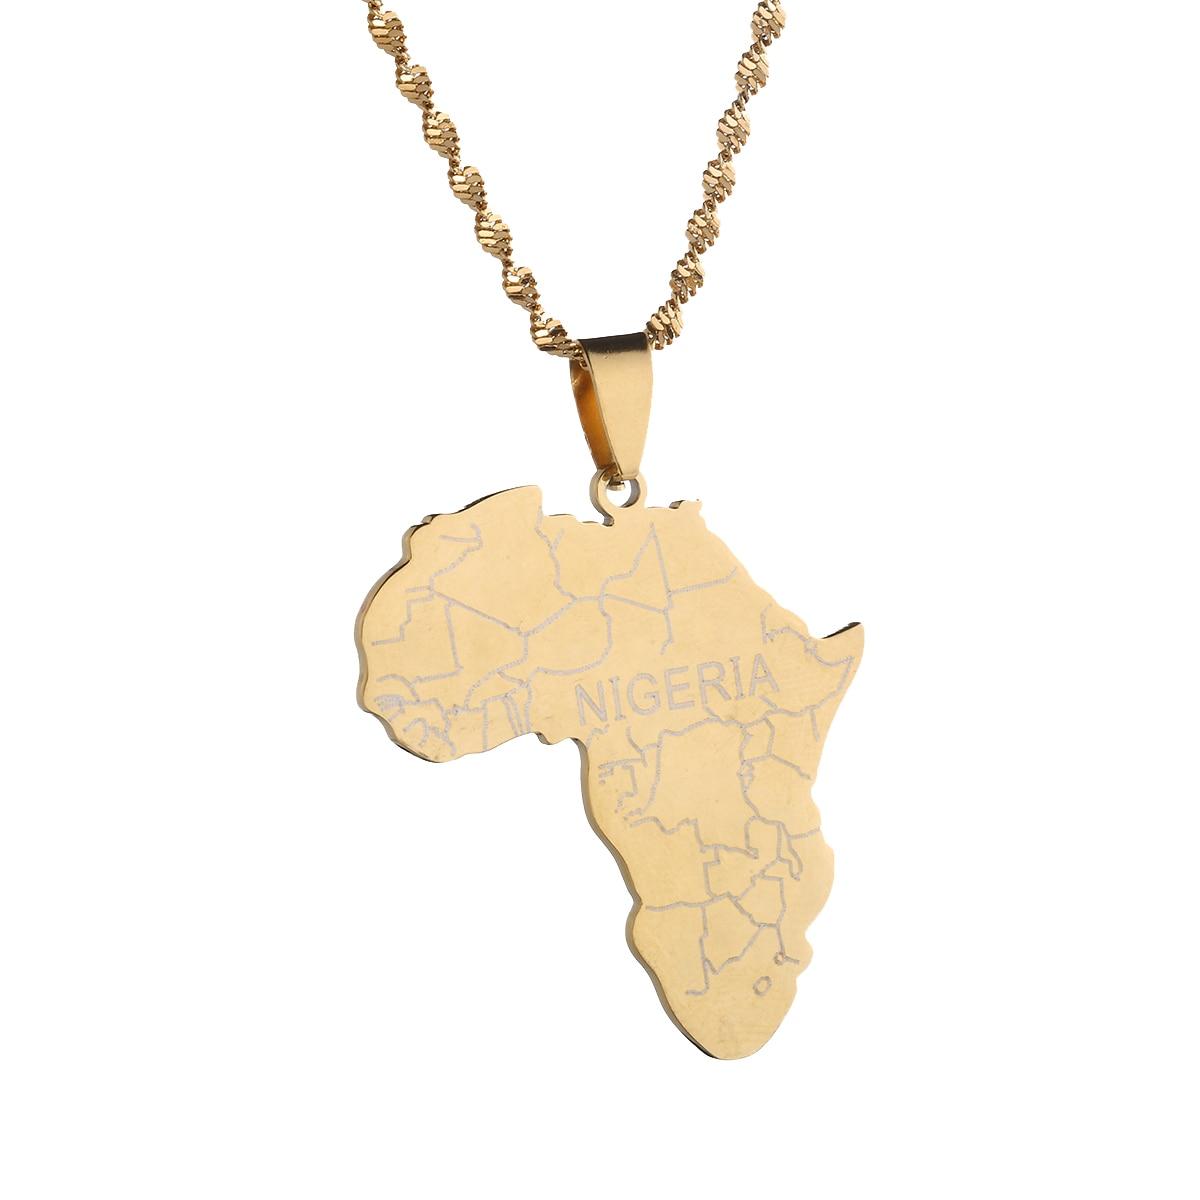 Le Nigeria Pays Carte Drapeau Collier Pendentif 50 cm Afro Femmes Hommes Cristal Couleur Or